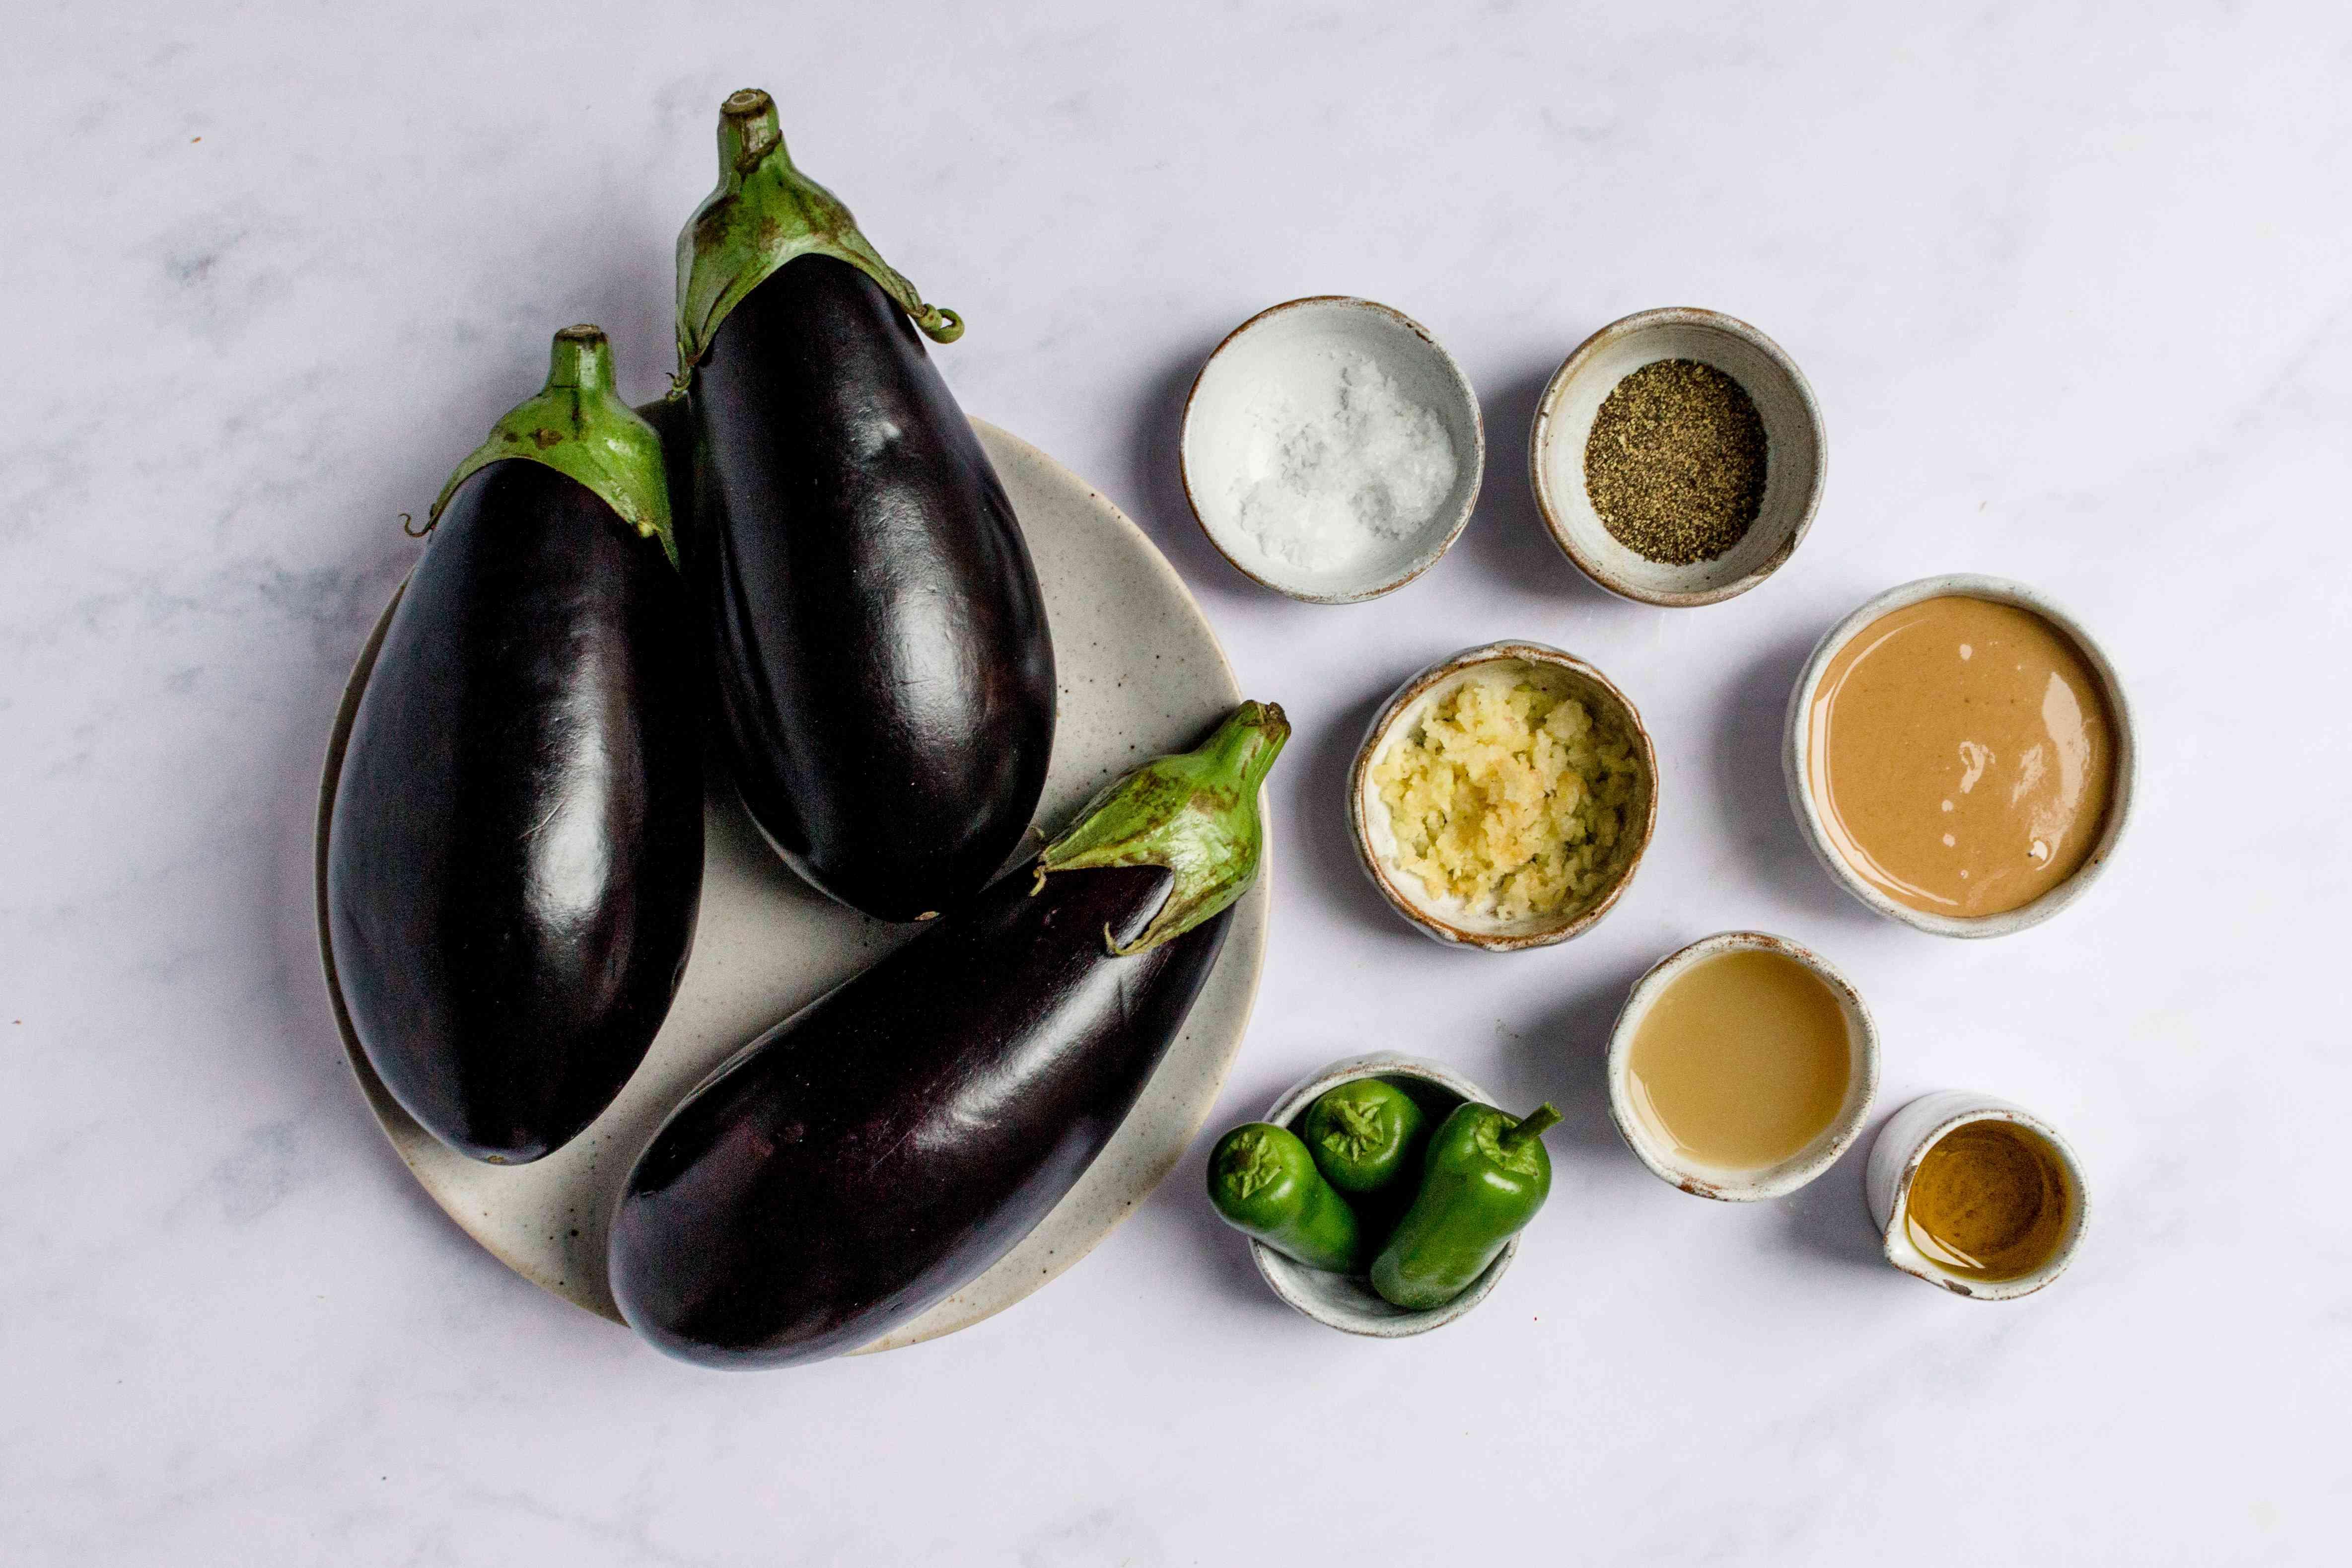 Lebanese Moutabel (Spicy Eggplant Dip) ingredients